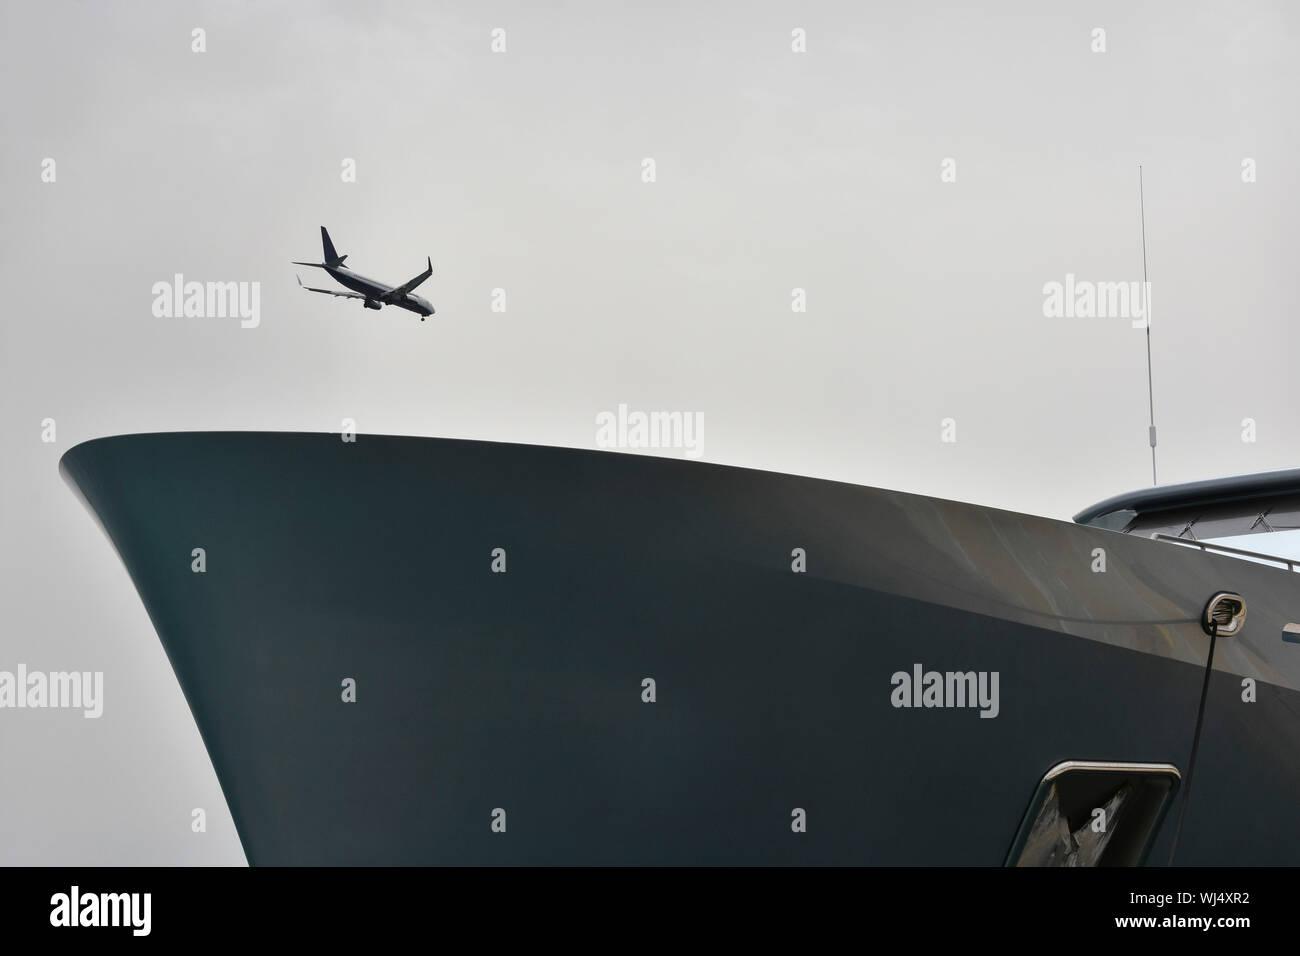 Flugzeug über Schiff bei bedecktem Himmel fliegen Stockfoto